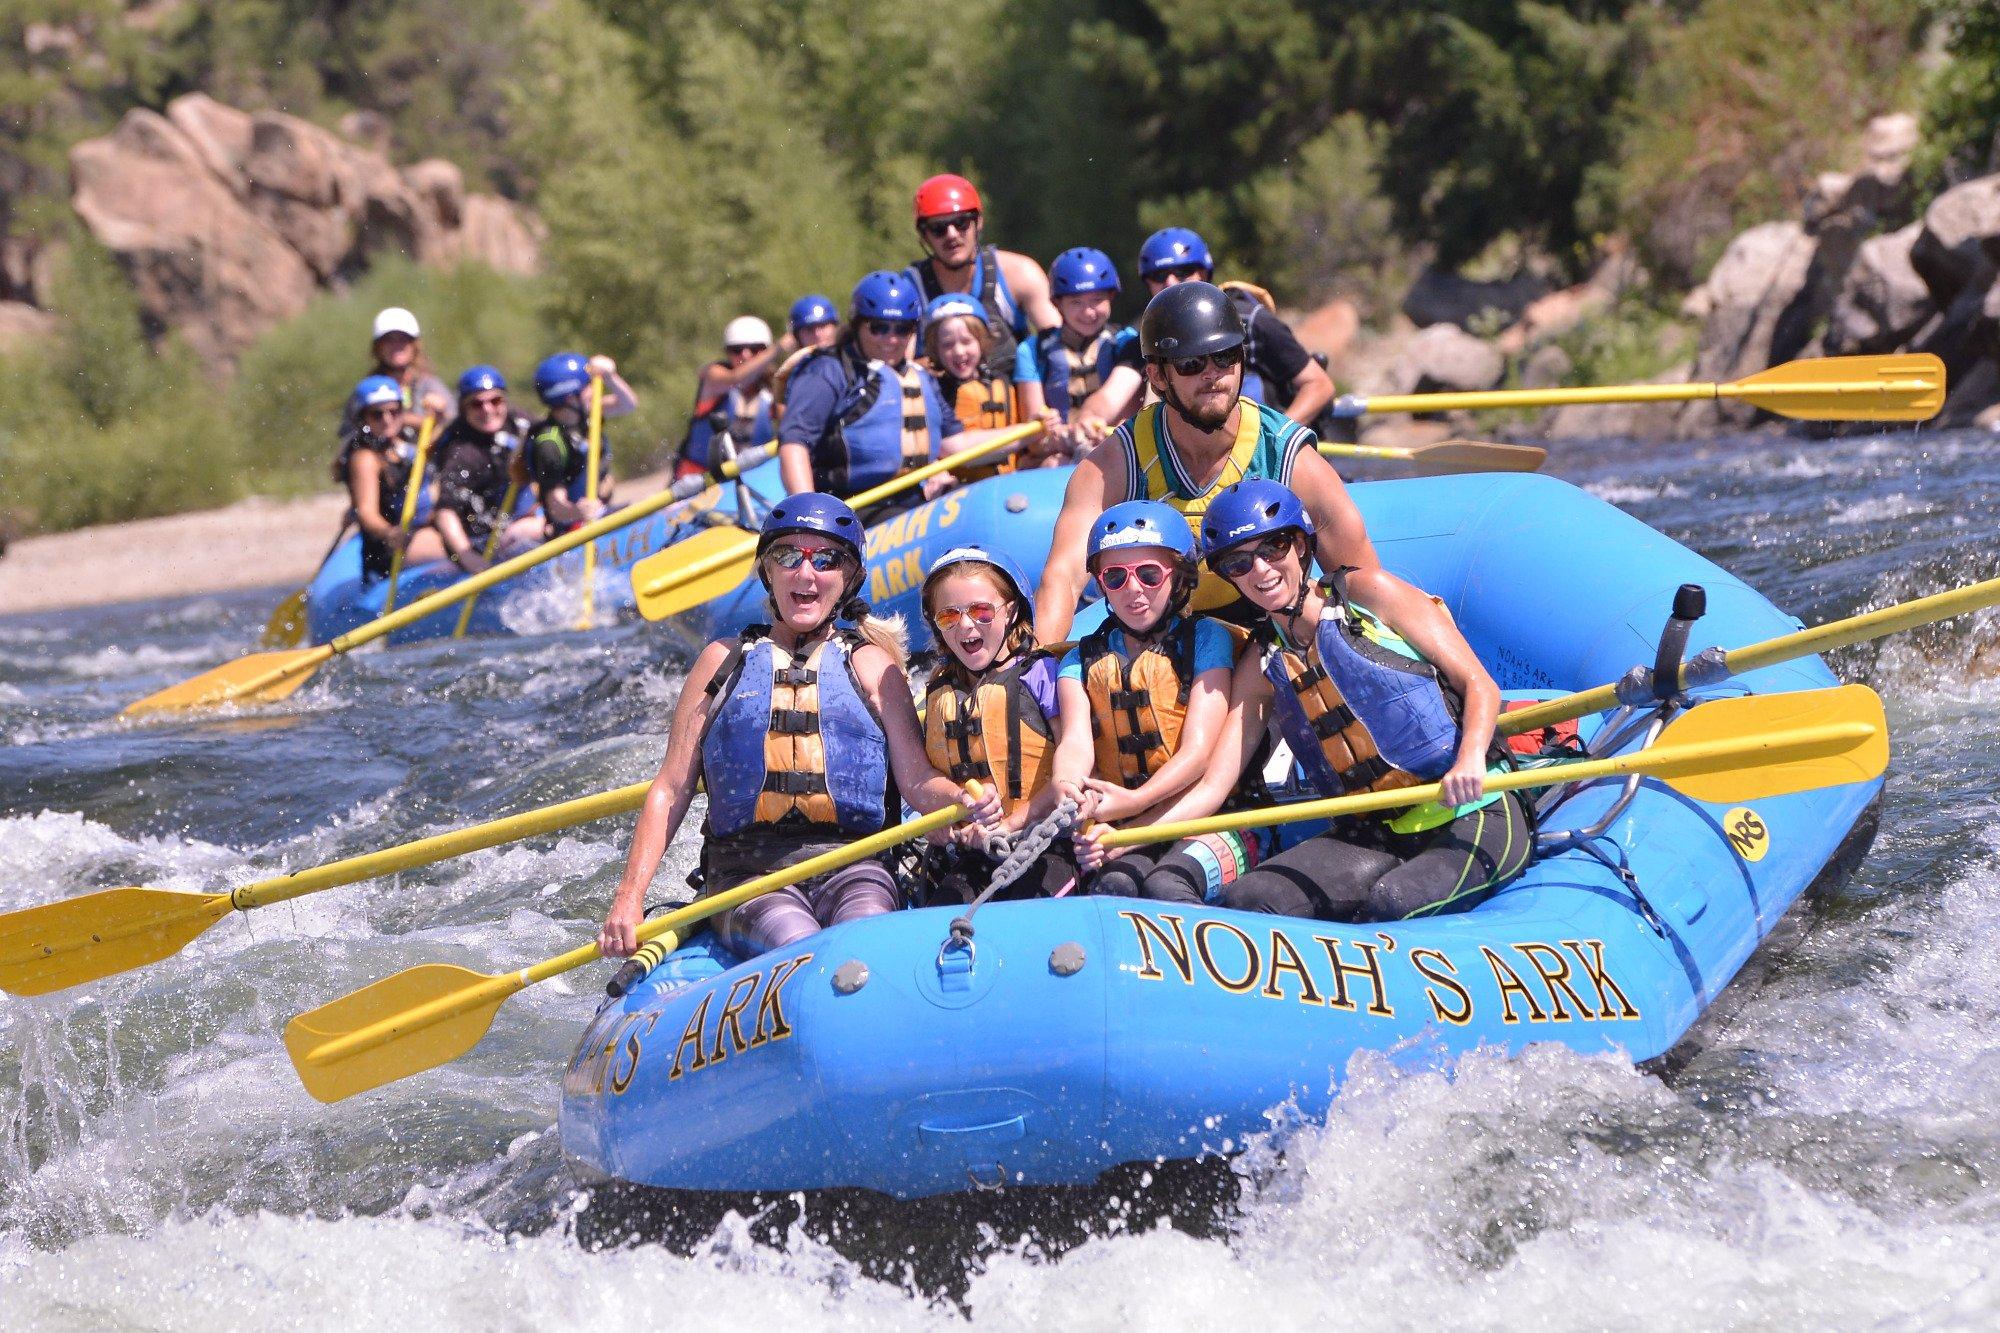 Noah\'s Ark Colorado Rafting & Aerial Adventure Park